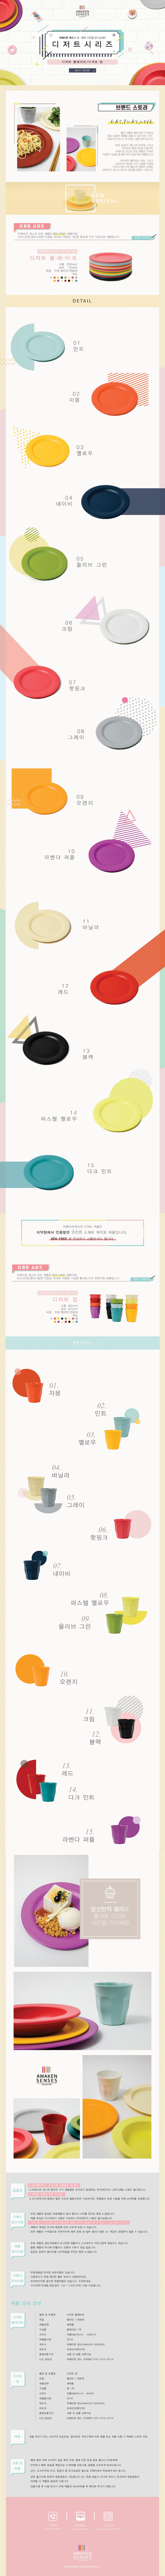 레인보우 디저트 컵 - 어웨이큰 센스, 3,500원, 머그컵, 플라스틱 컵